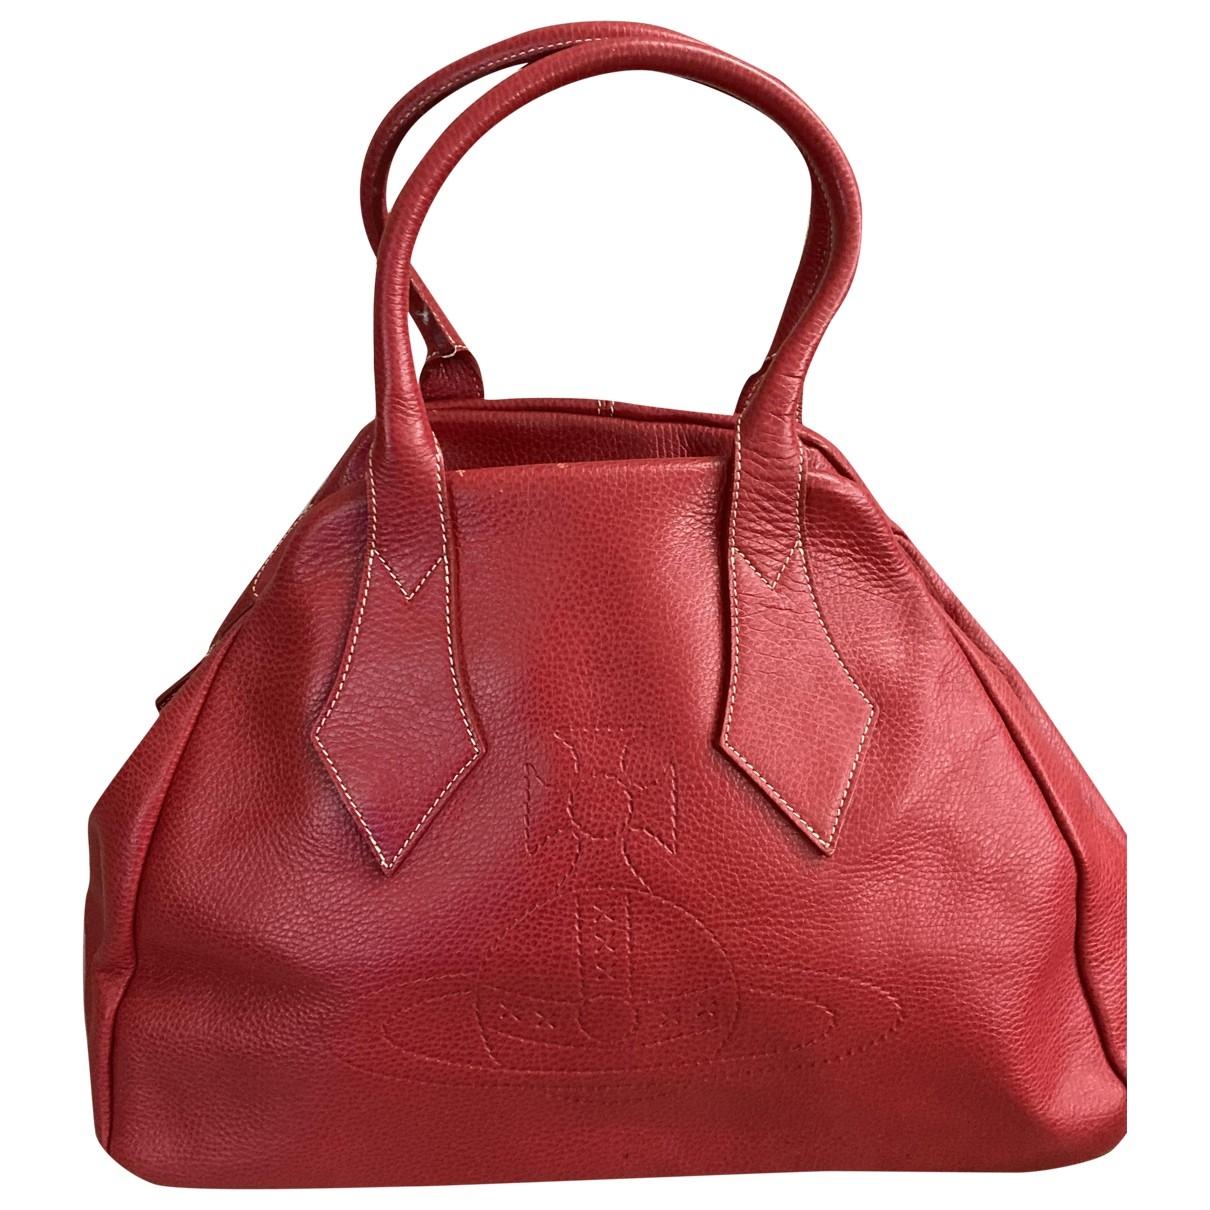 Vivienne Westwood \N Red Leather handbag for Women \N